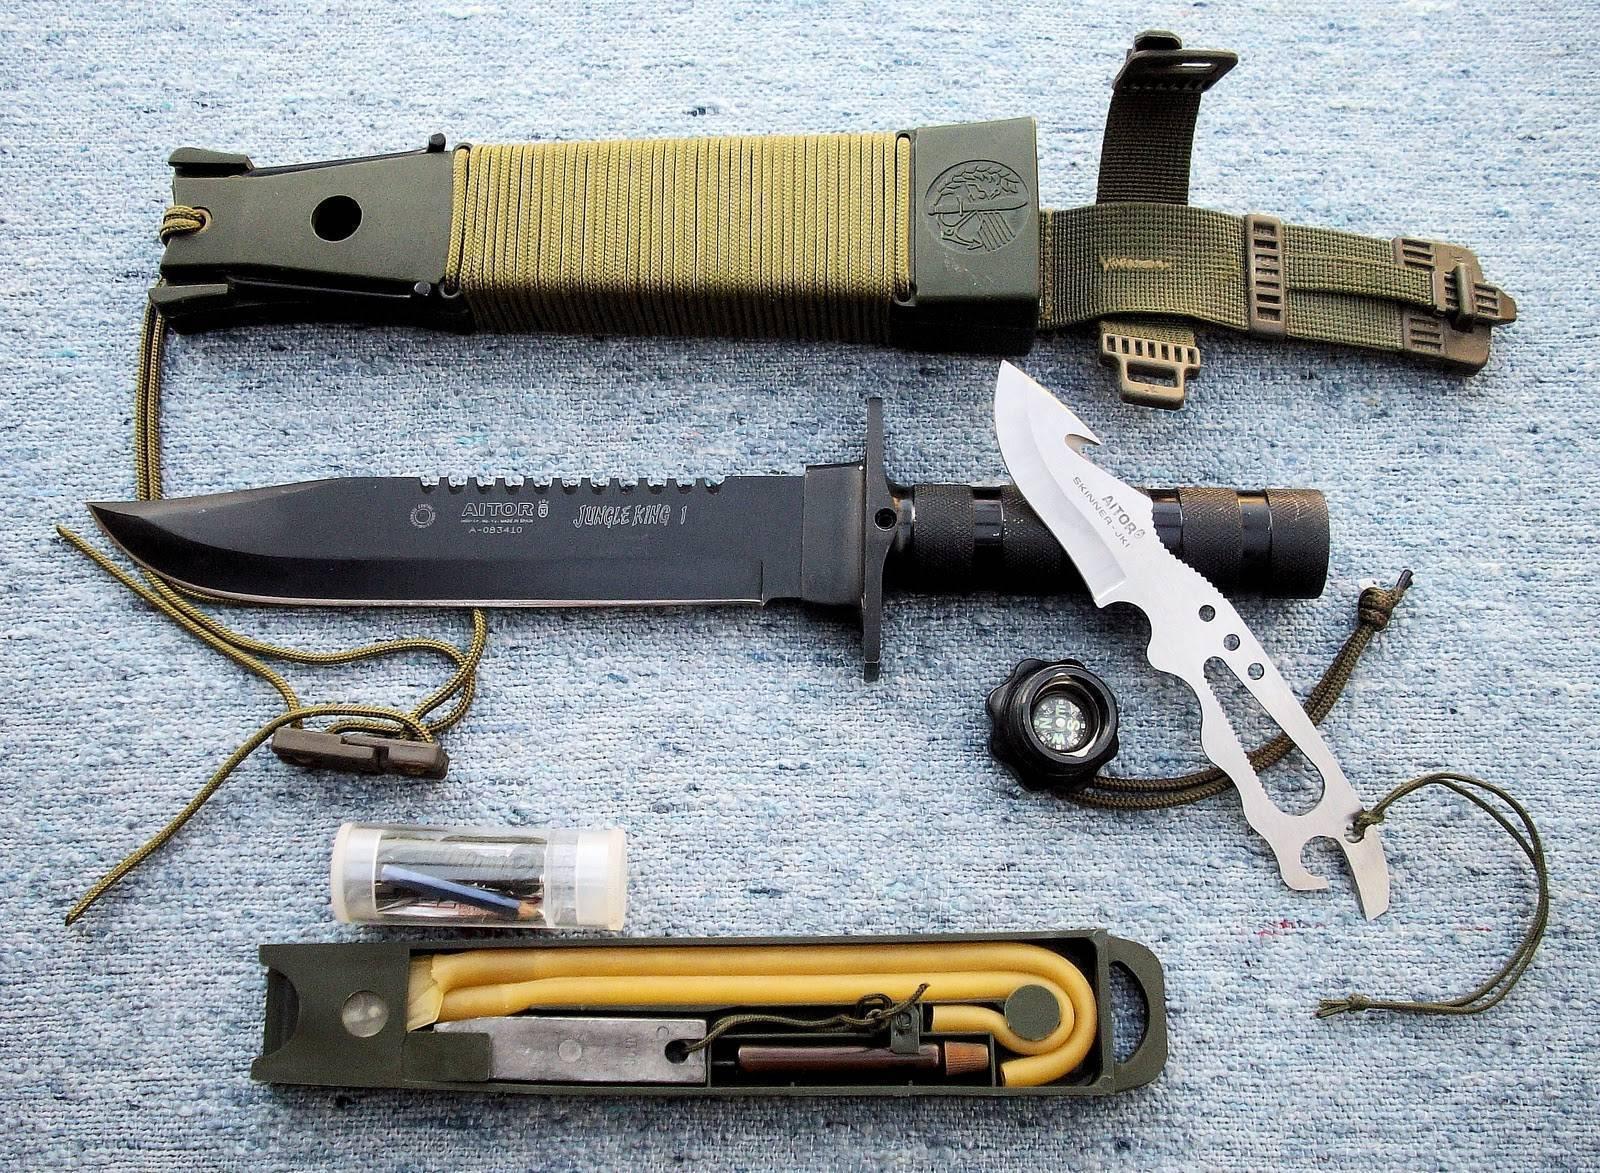 Ножи - всё о ножах: ножи для выживания